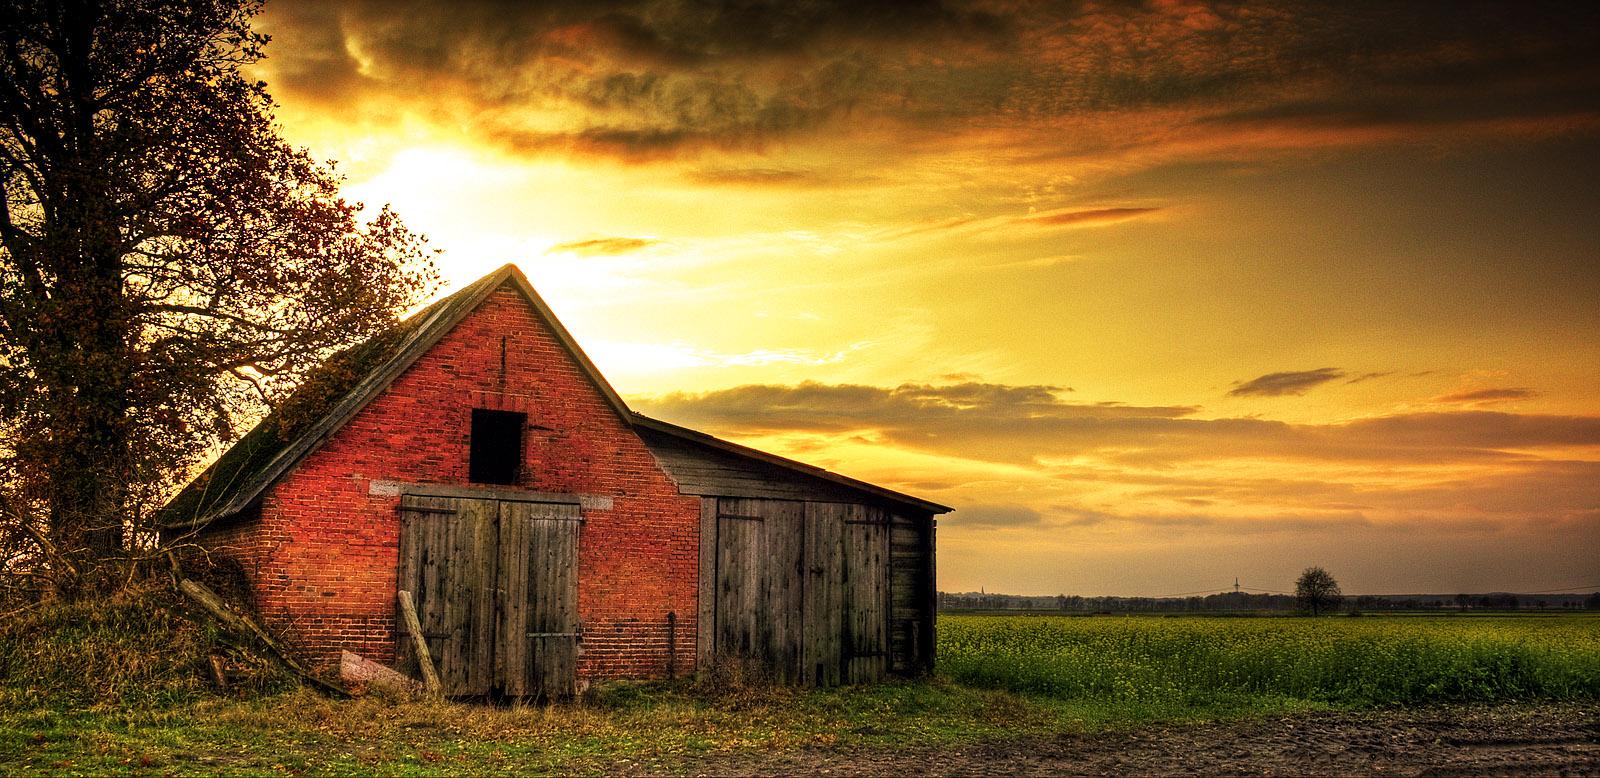 Free rustic wallpaper wallpapersafari - Country Barn Wallpaper Wallpapersafari